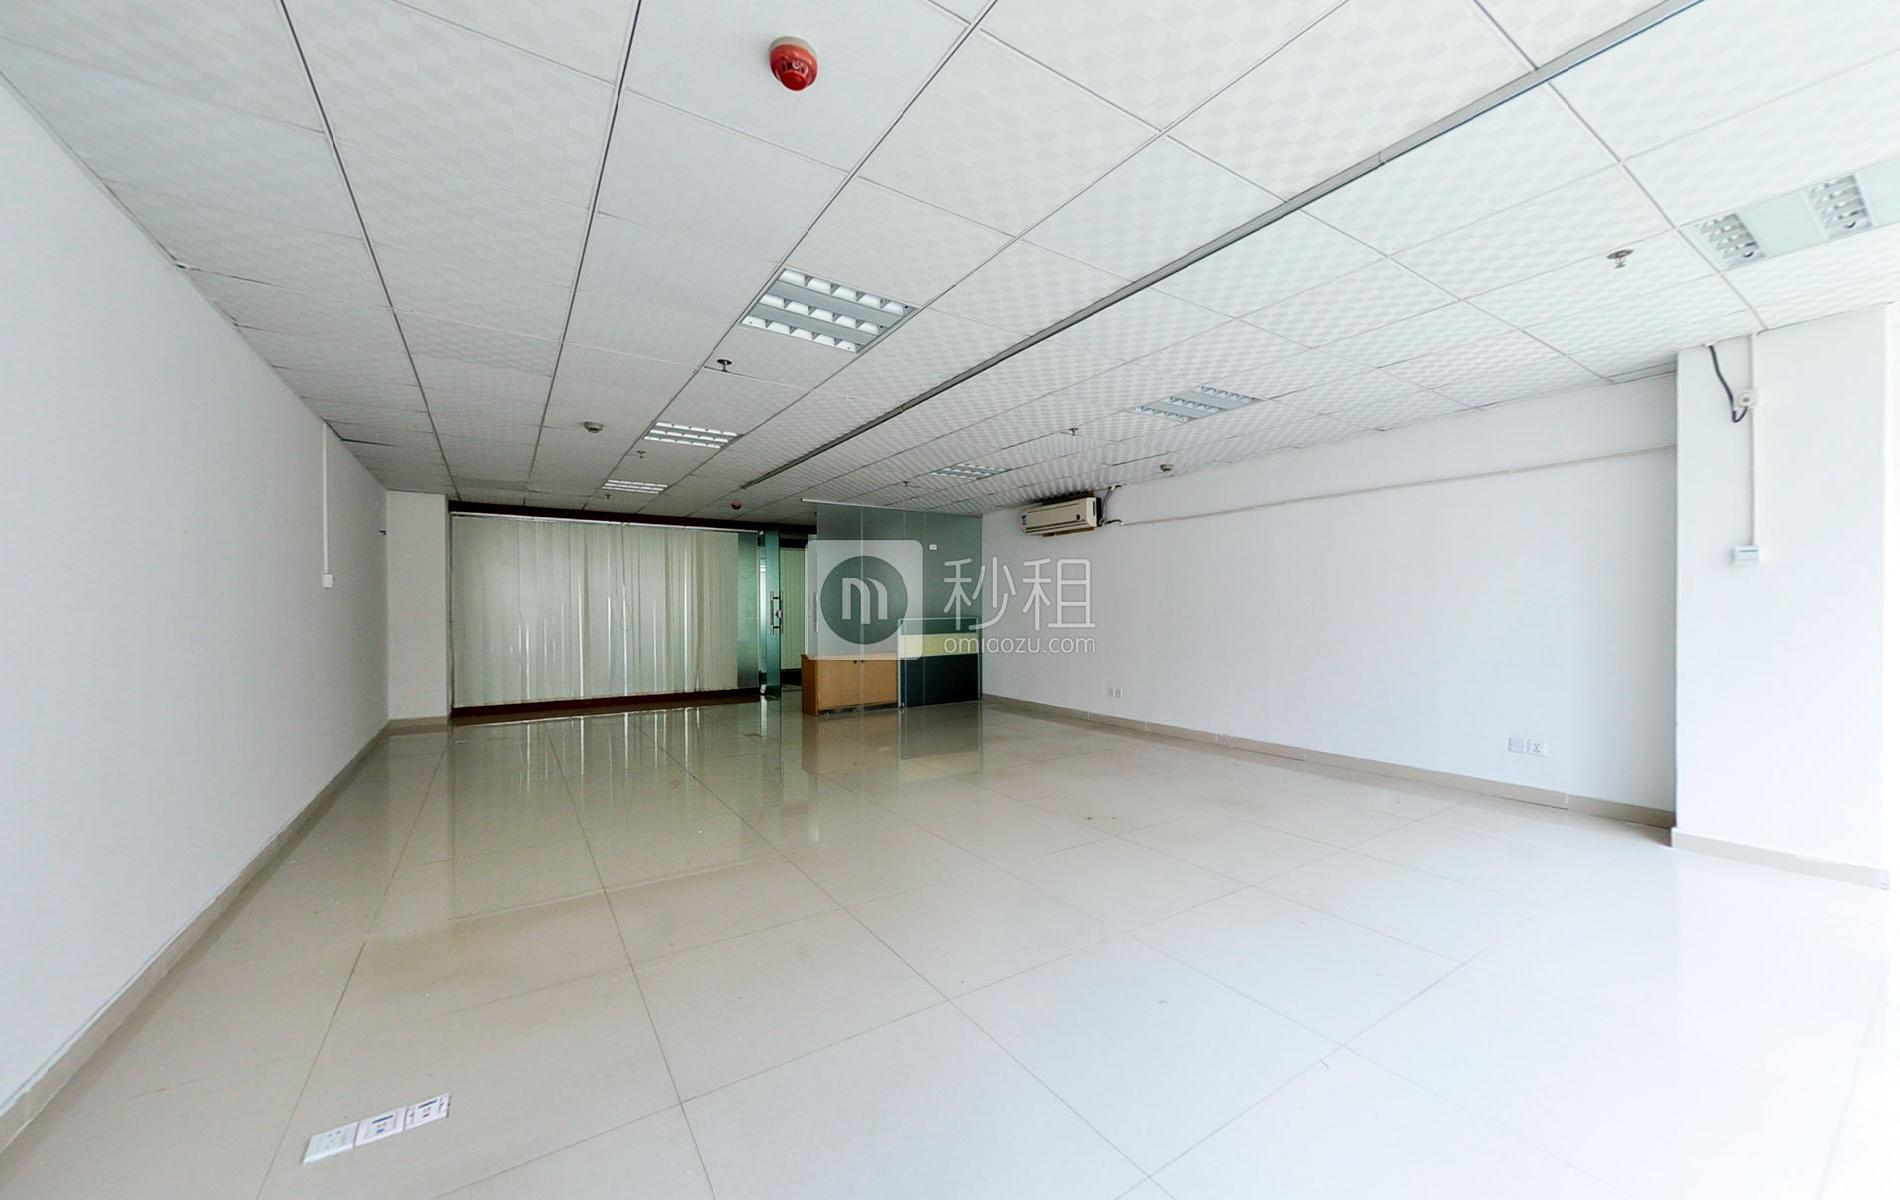 金地工业区135栋写字楼出租125平米精装办公室50元/m².月